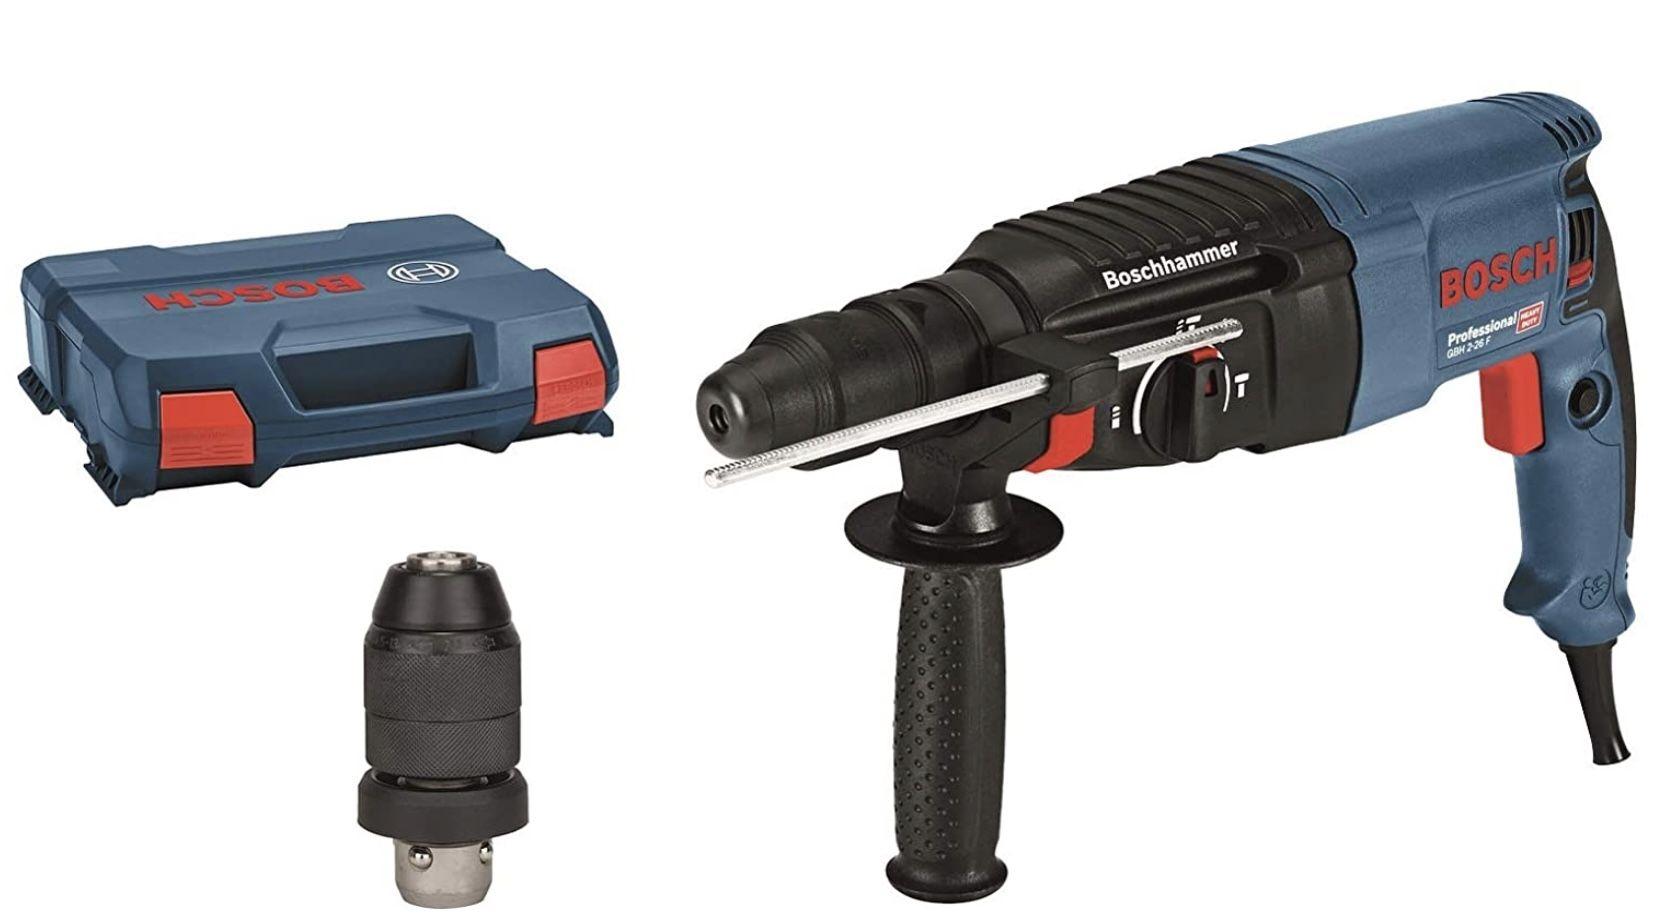 Bosch GBH 2 26 F Professional Bohrhammer Set inkl. Wechselfutter SDS plus & Koffer für 123,99€ (statt 159€)